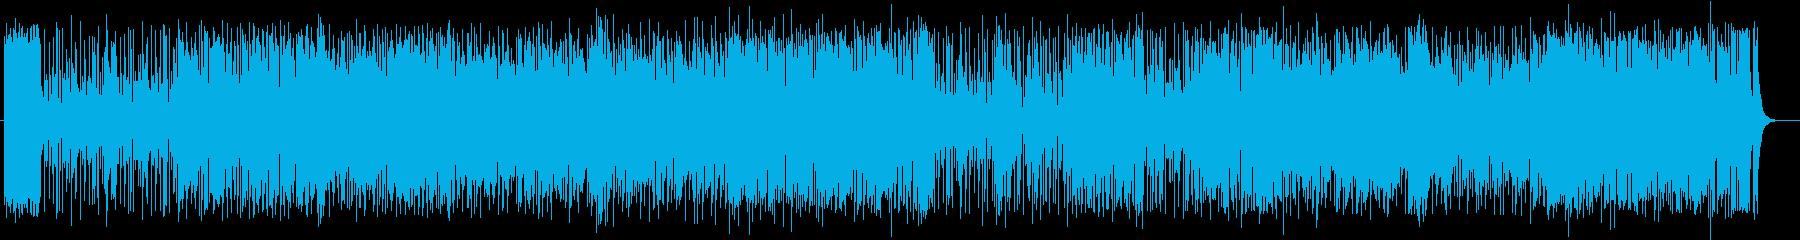 アゴゴが軽やかに鳴り響くサンバの再生済みの波形